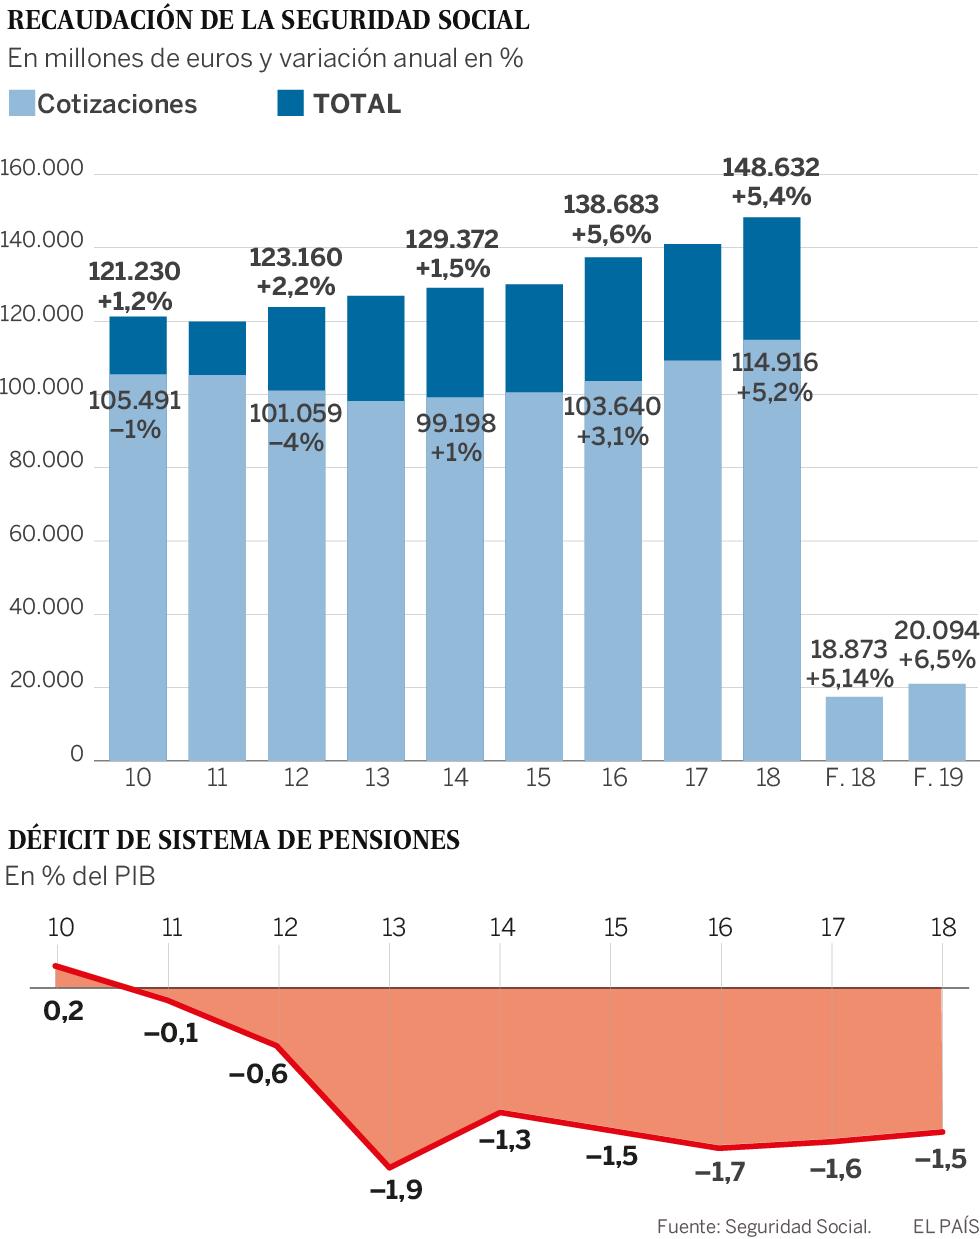 La subida de cotizaciones impulsa la recaudación de la Seguridad Social